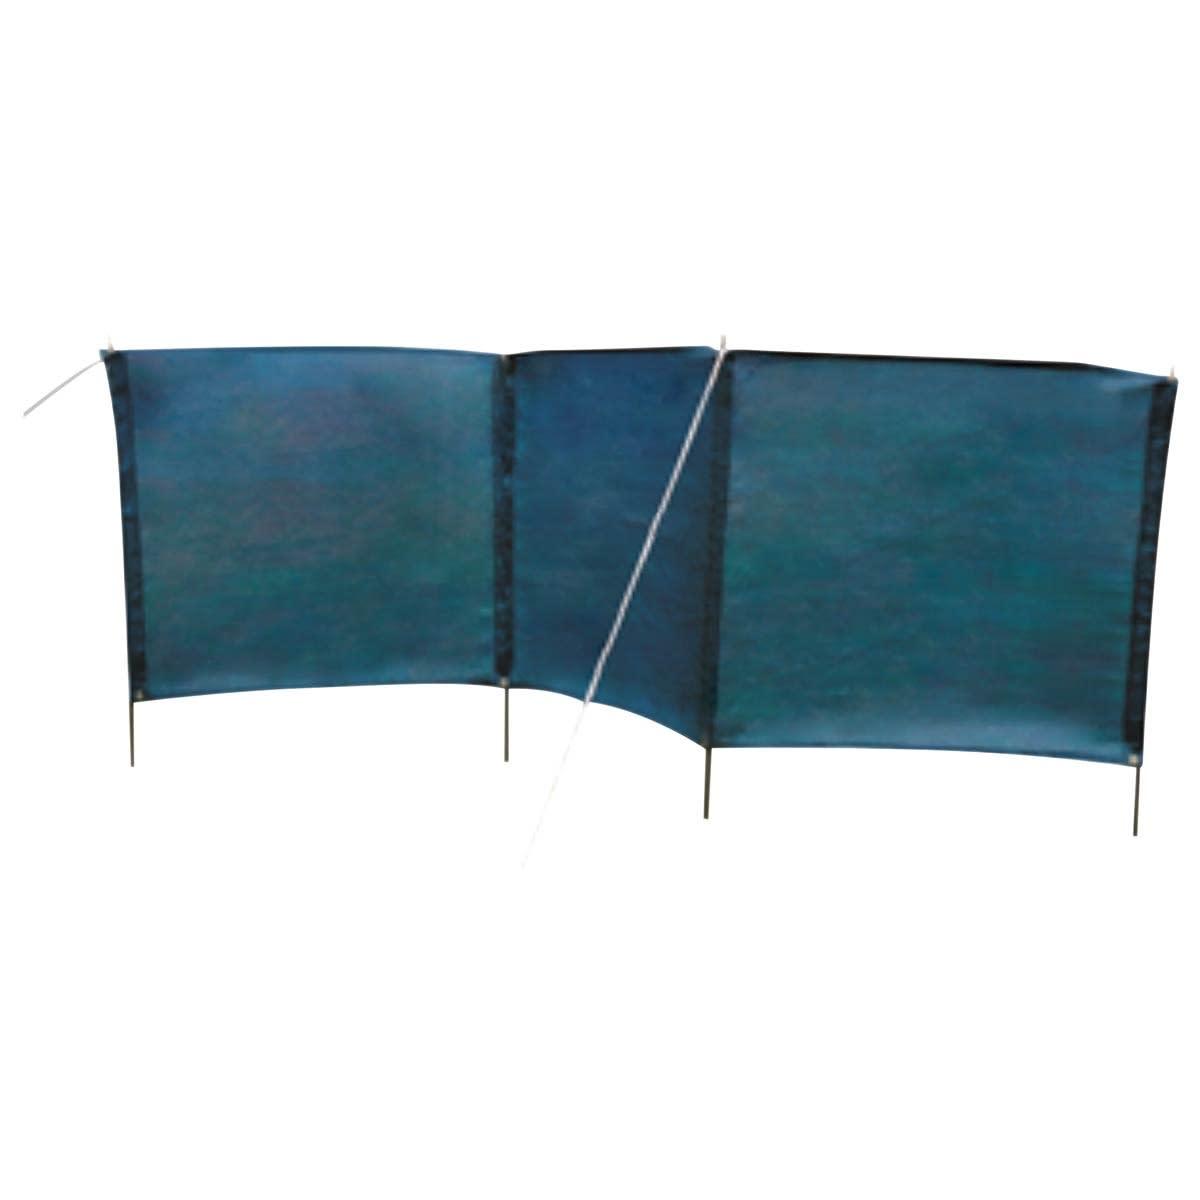 Tentco Lapa 5 meters